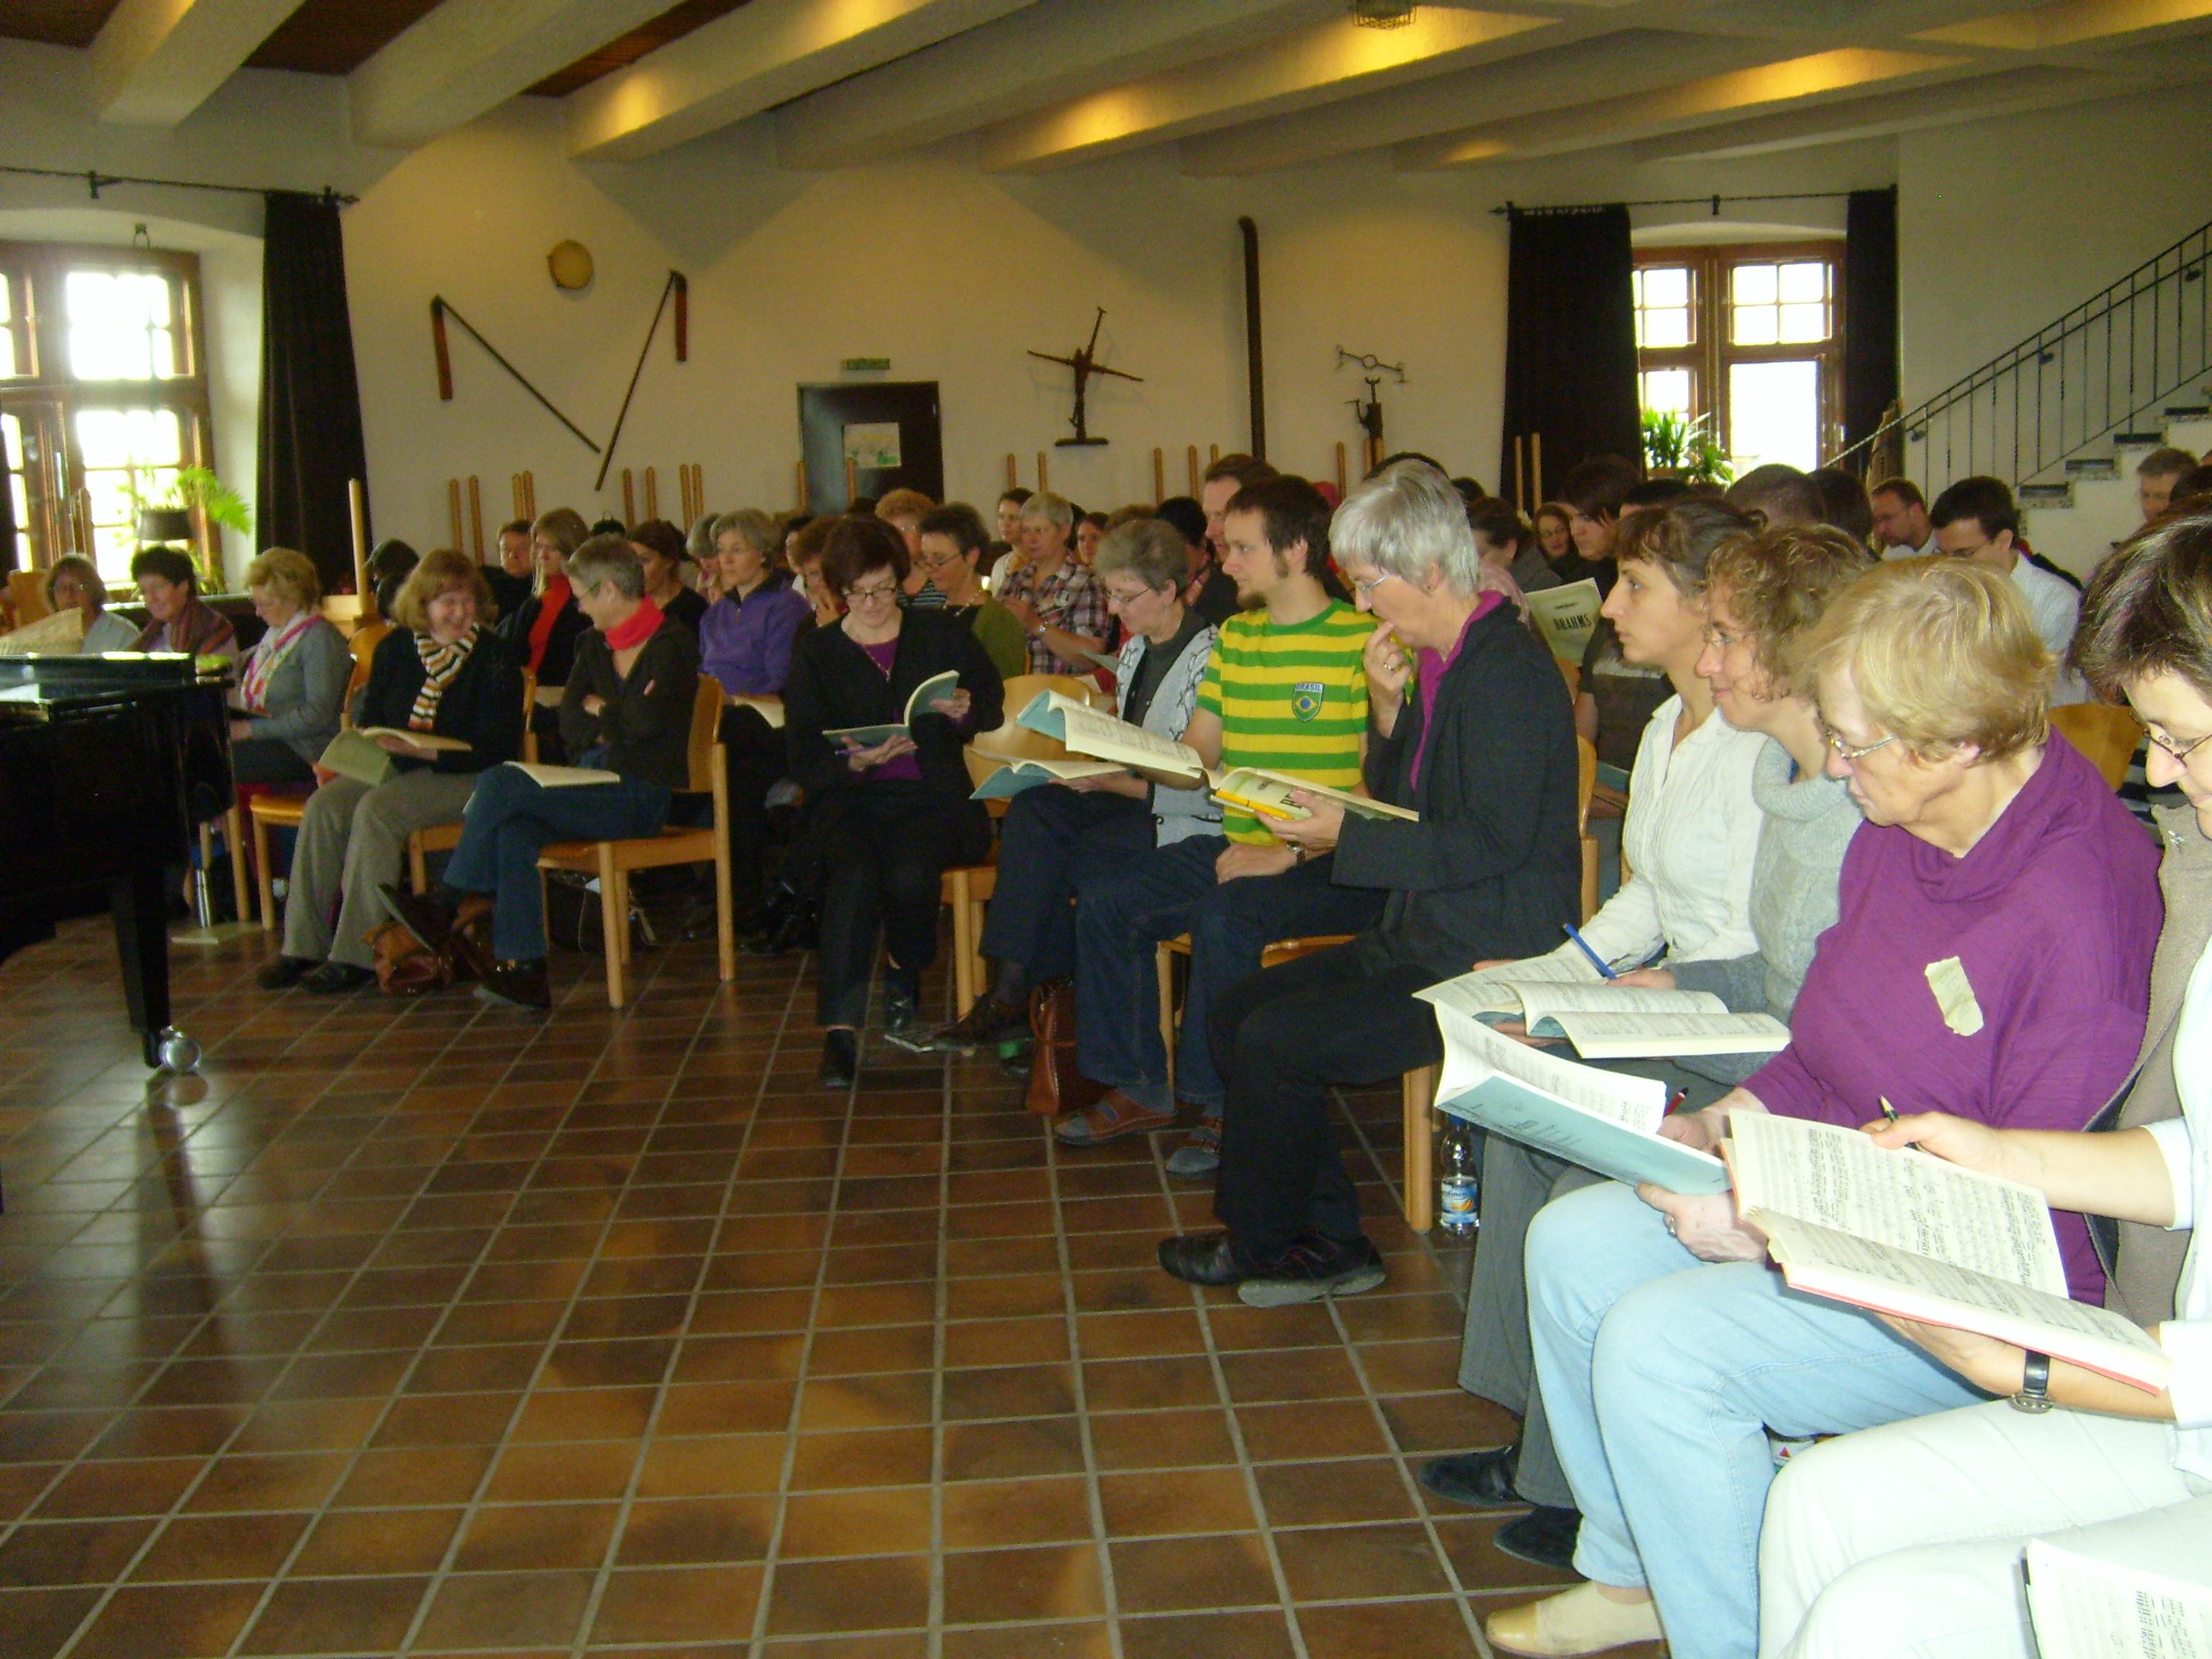 Intensive Vorbereitung auf ein Konzert zusammen mit dem Oratorienchor Münster auf der Wewelsburg